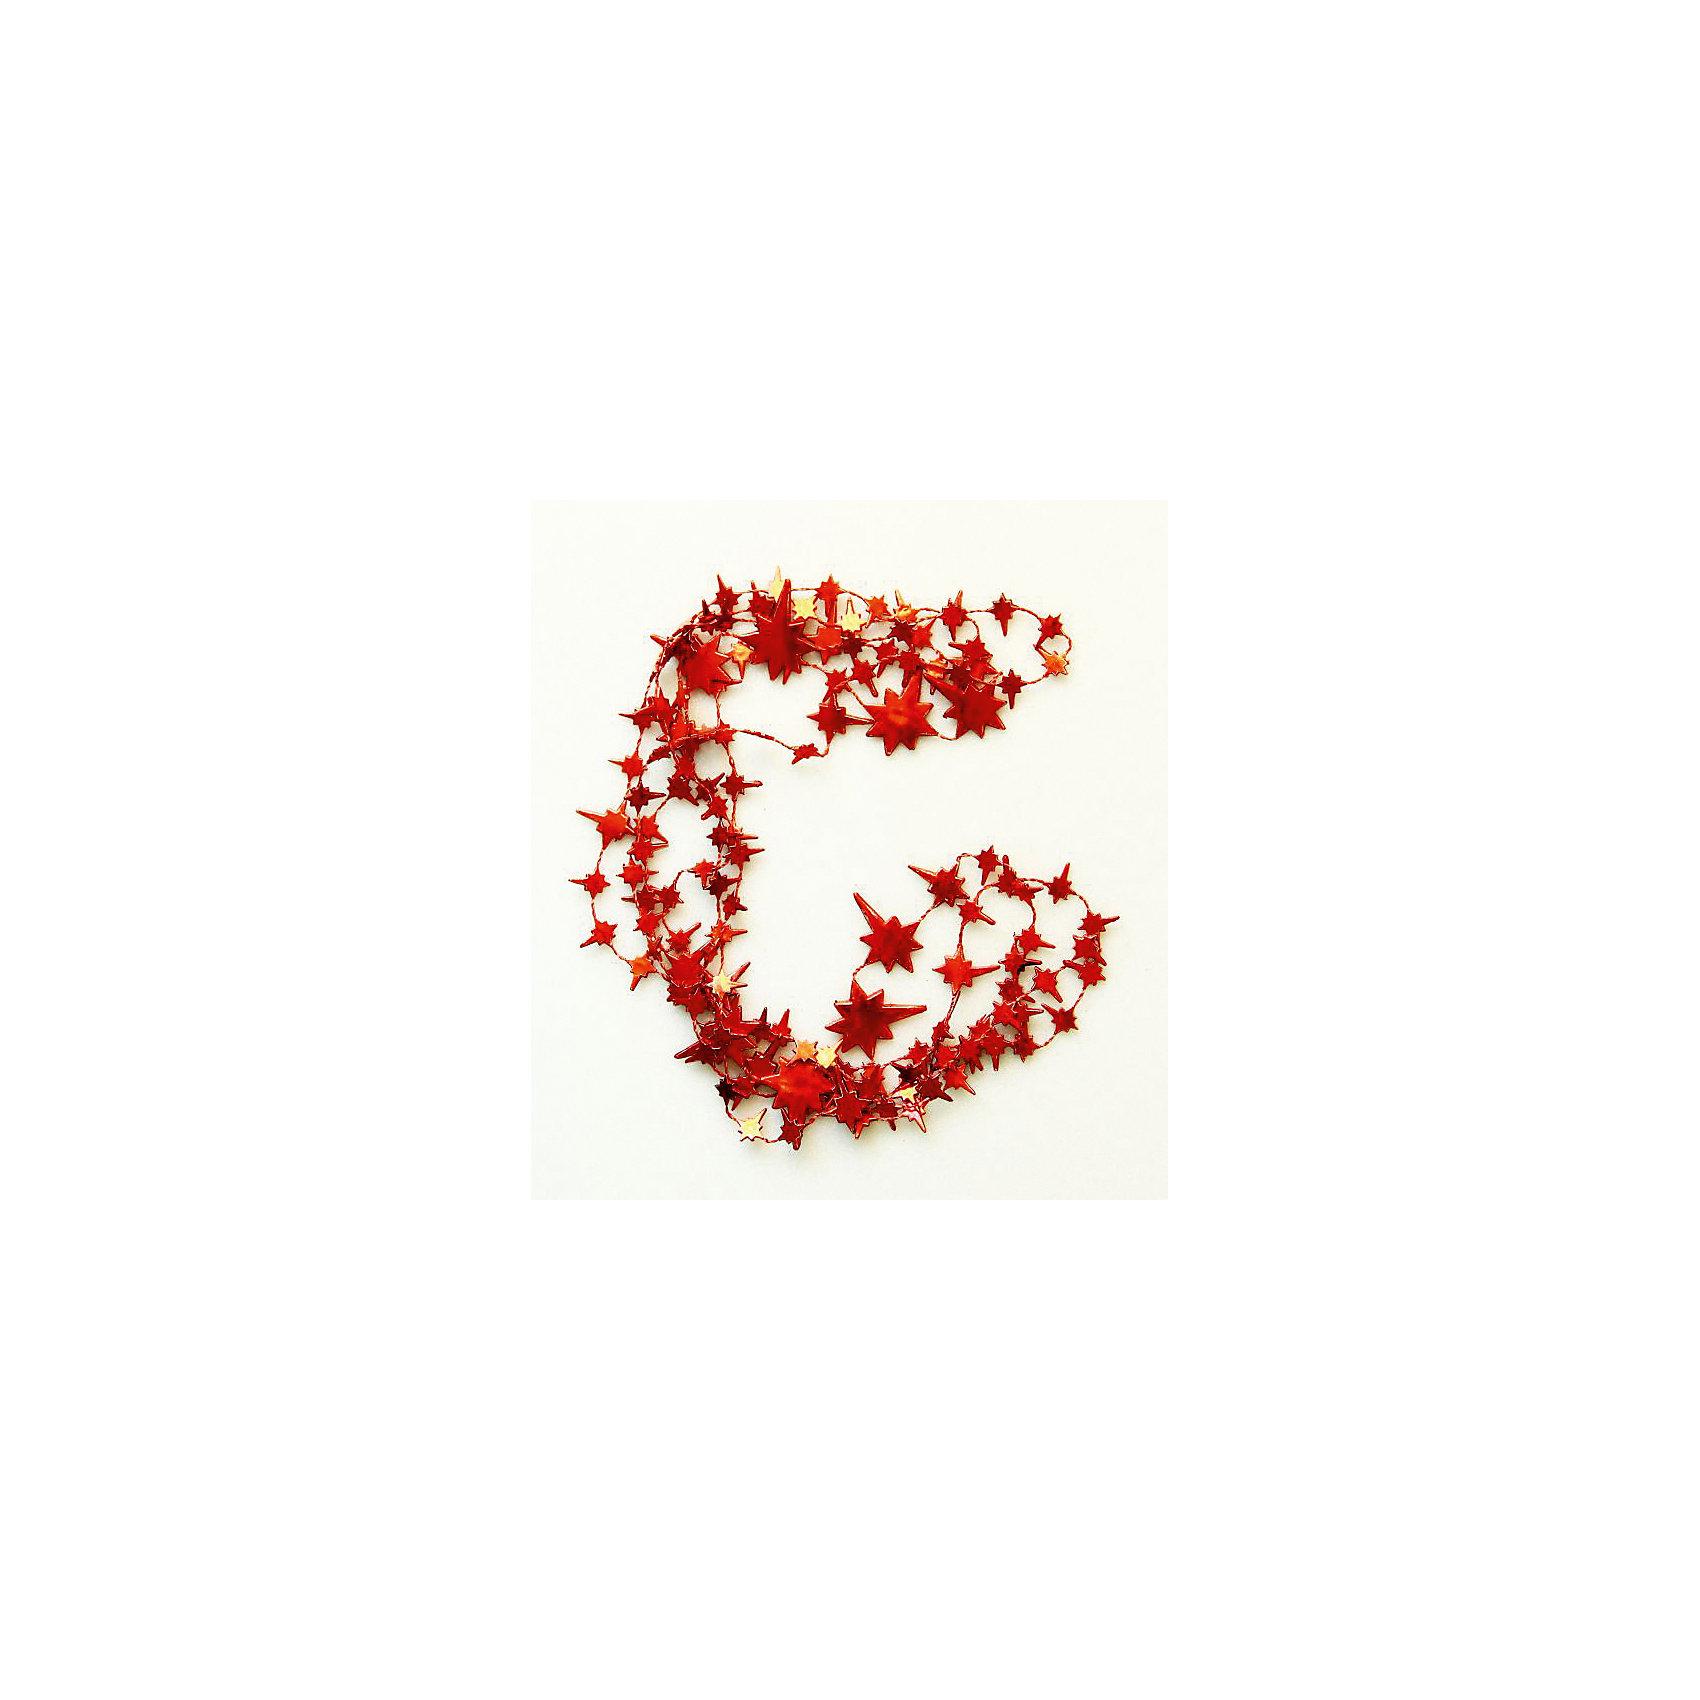 Гирлянда Красные звезды 270 смНовинки Новый Год<br>Гирлянда Красные звезды, Феникс-презент, станет замечательным украшением Вашей новогодней елки или интерьера и поможет создать волшебную атмосферу новогодних праздников. Гирлянда привлекательного дизайна выполнена в форме красных звездочек различной формы и<br>величины, она будет чудесно смотреться на елке и радовать детей и взрослых. <br><br><br>Дополнительная информация:<br><br>- Материал: полистирол.<br>- Длина гирлянды: 270 см.<br>- Размер упаковки: 28 х 10 х 5 см.<br><br>Гирлянду Красные звезды, Феникс-презент, можно купить в нашем интернет-магазине.<br><br>Ширина мм: 280<br>Глубина мм: 100<br>Высота мм: 50<br>Вес г: 100<br>Возраст от месяцев: 36<br>Возраст до месяцев: 2147483647<br>Пол: Унисекс<br>Возраст: Детский<br>SKU: 4274707